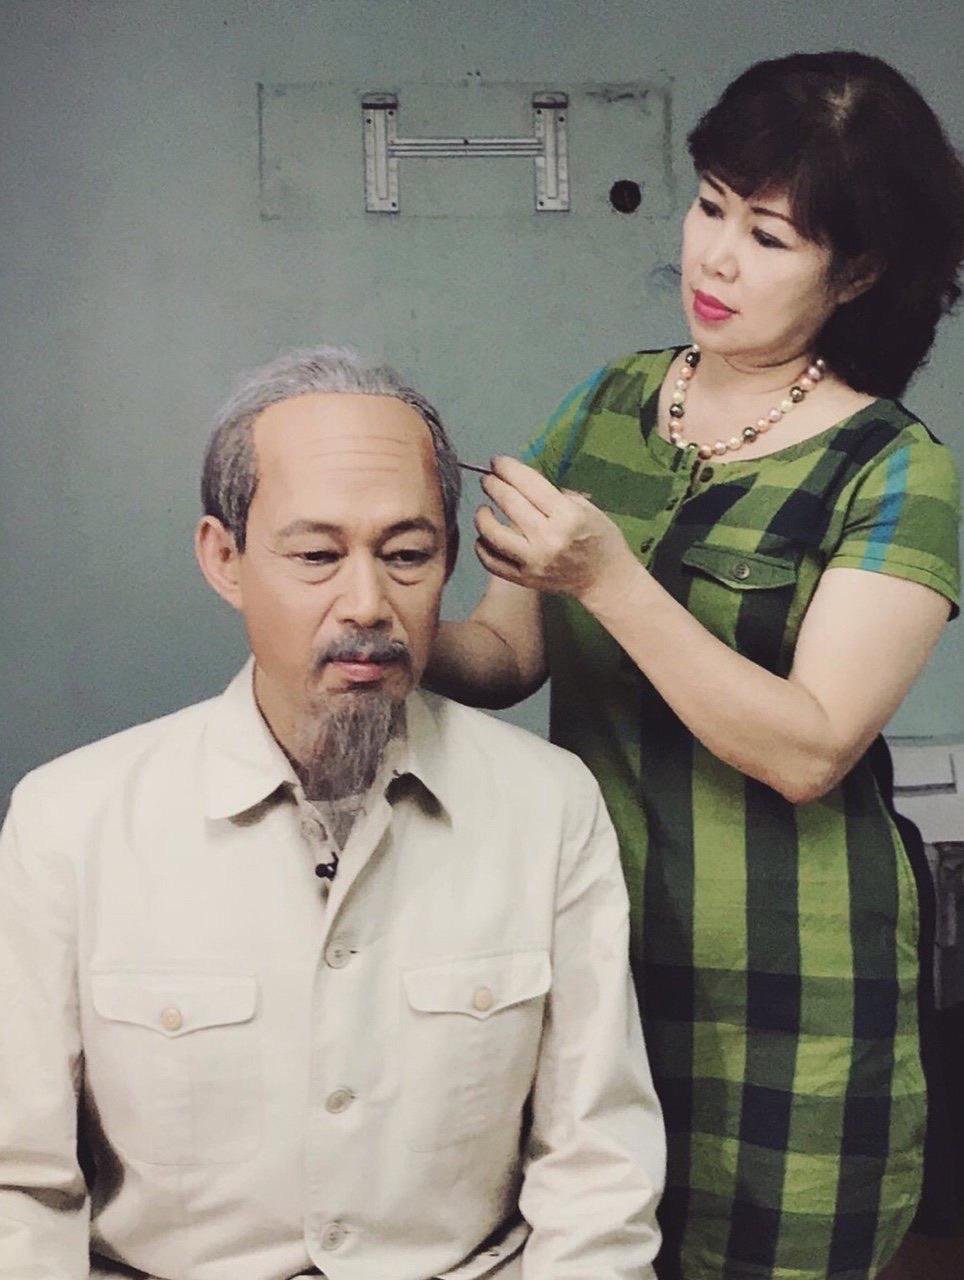 Chuyện người vợ hóa trang nghìn lần cho chồng đóng vai Bác Hồ - Ảnh 1.